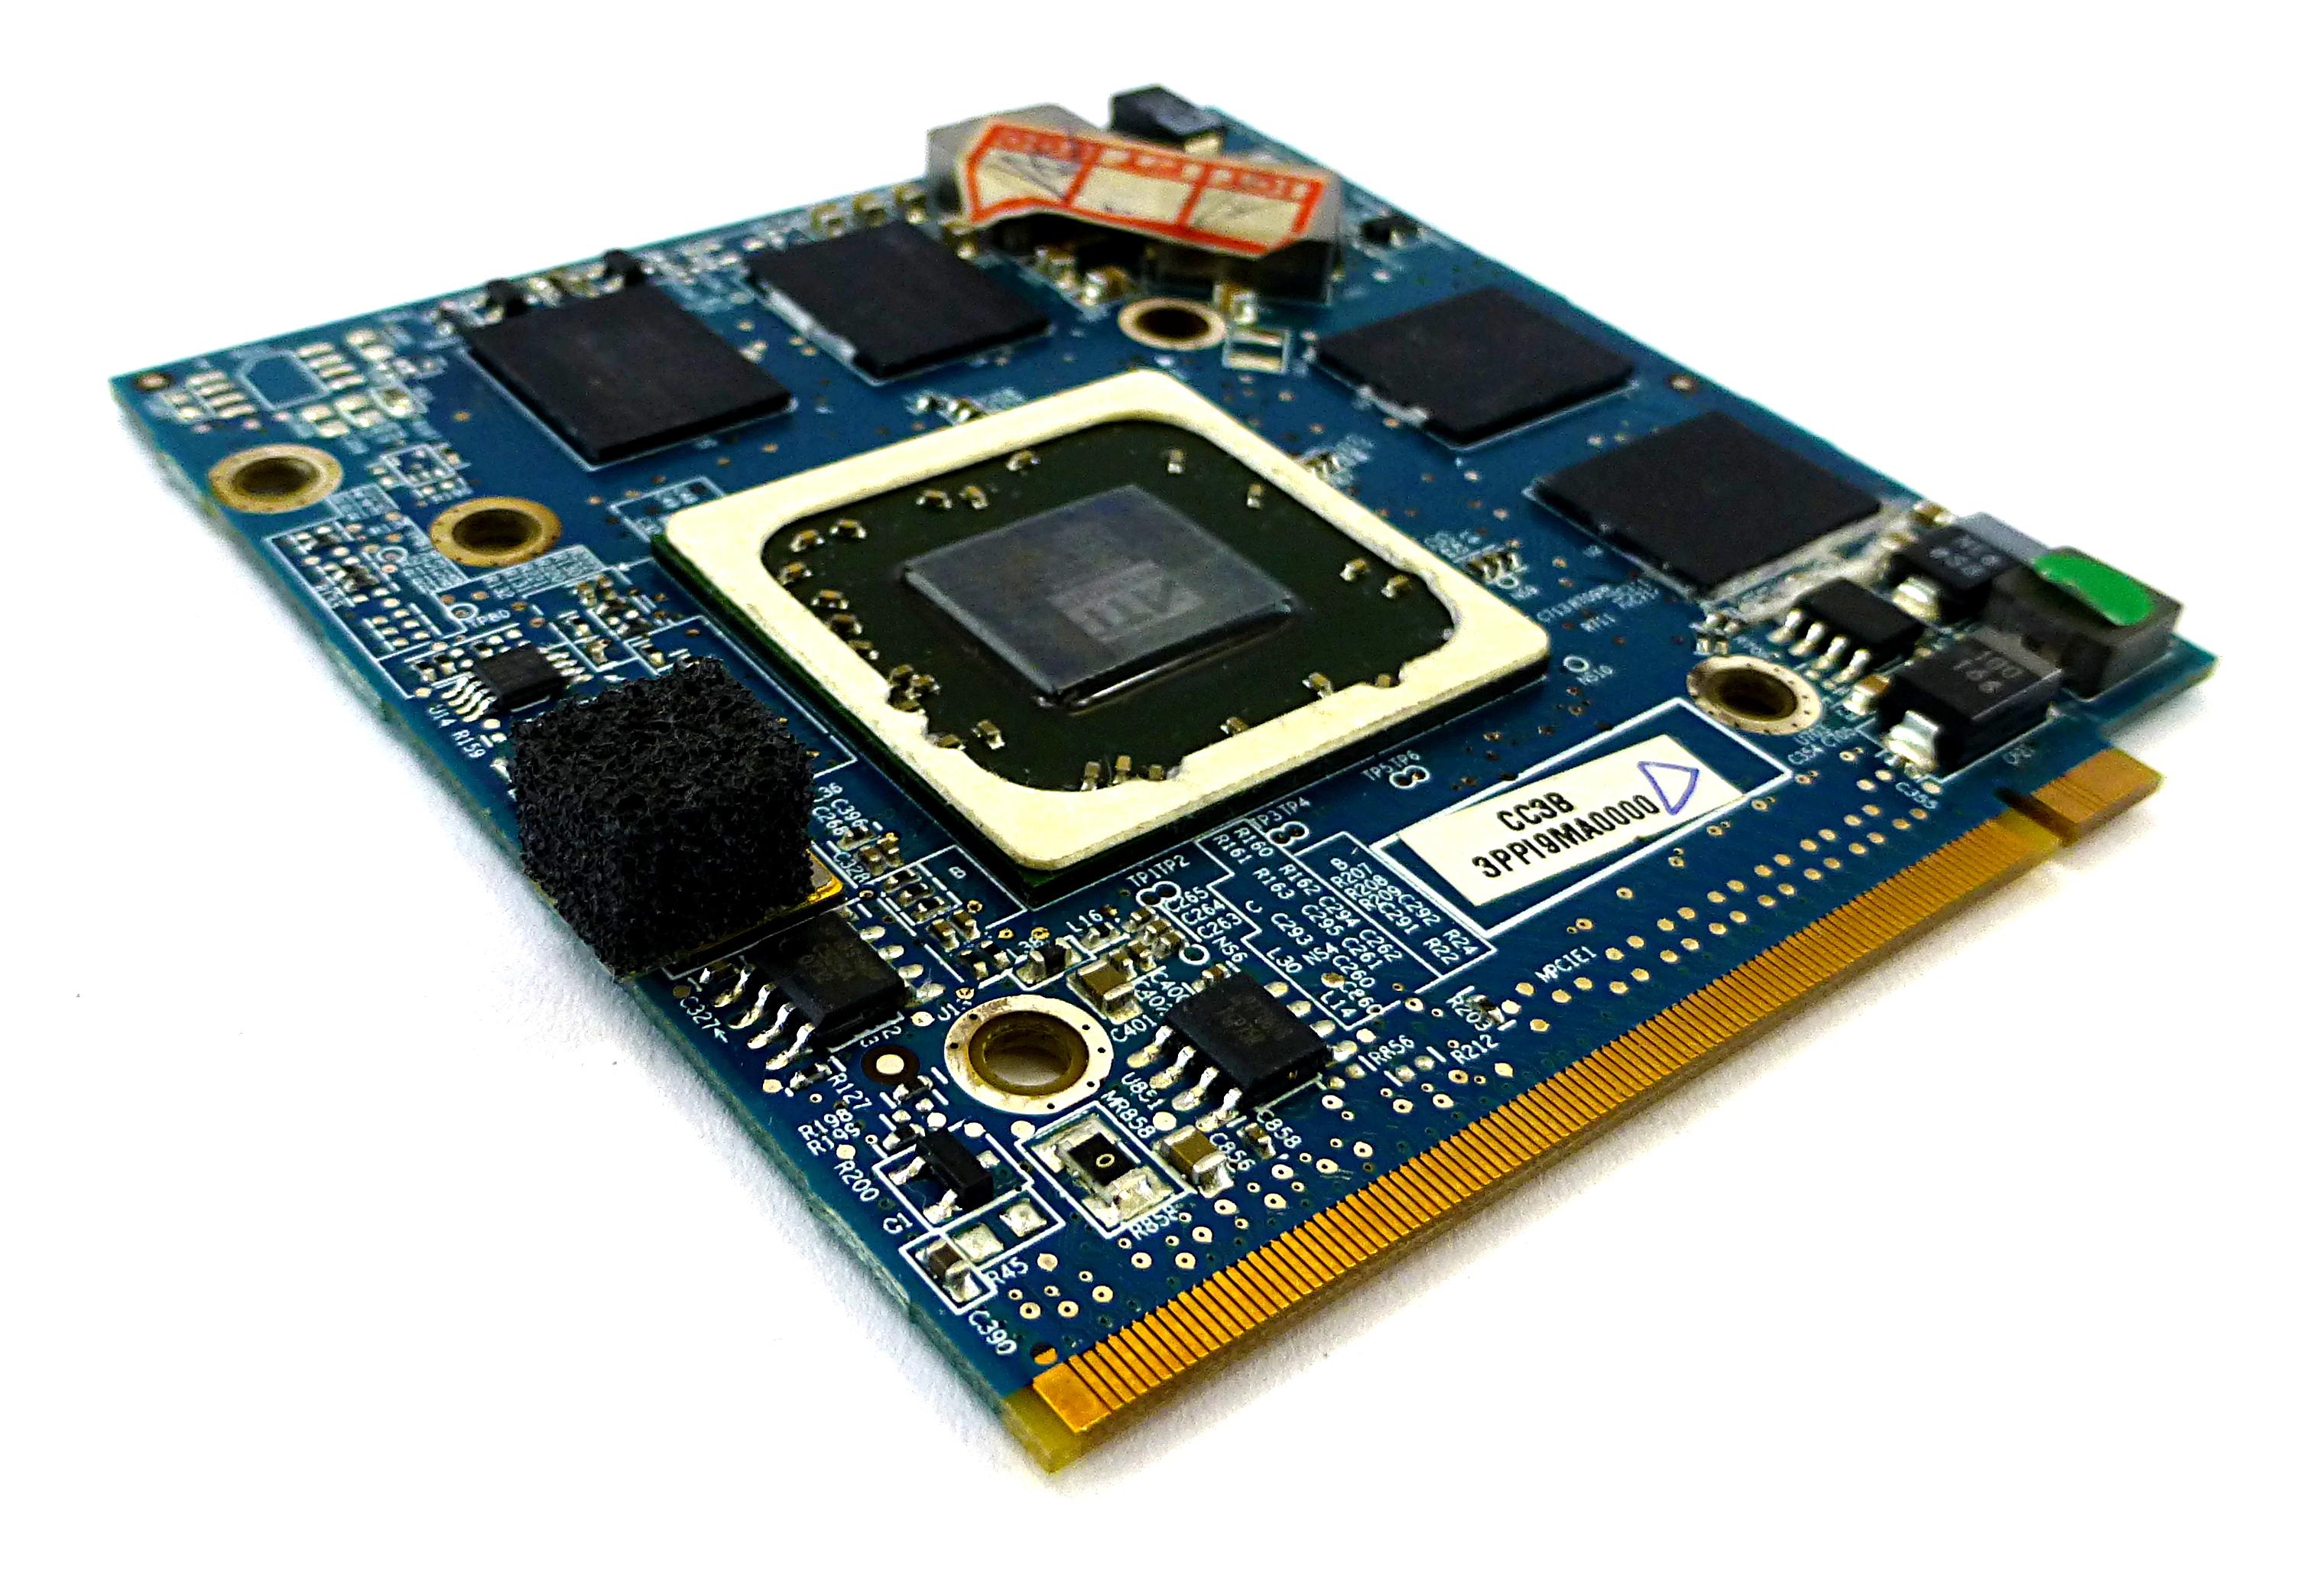 """Apple iMac 24"""" A1225 M2007 Radeon HD 2600 256MB Video Card 109-B22531-10"""